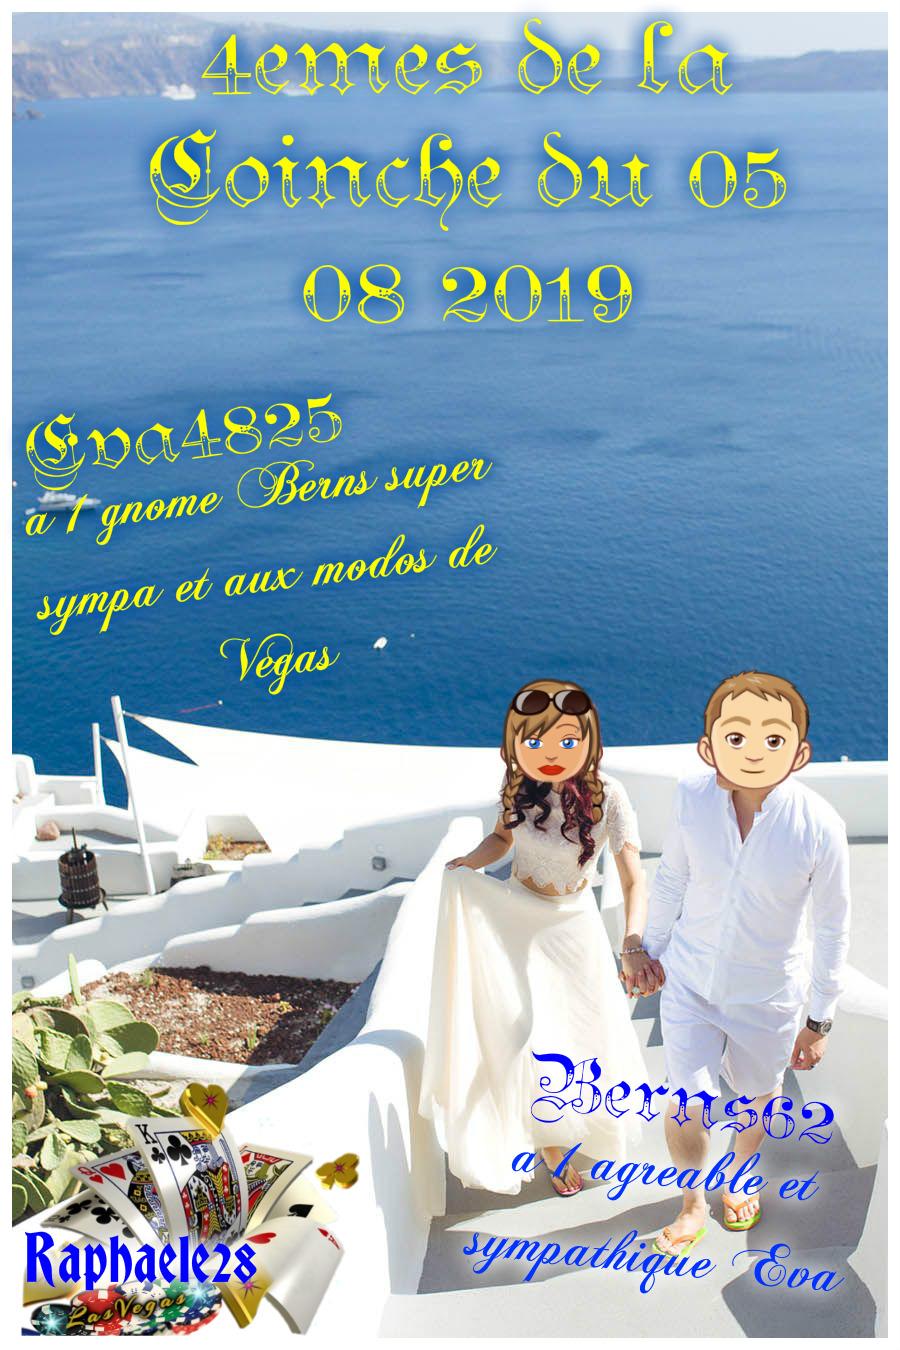 TROPHEES DU 05/ 08/2019 Piza1577